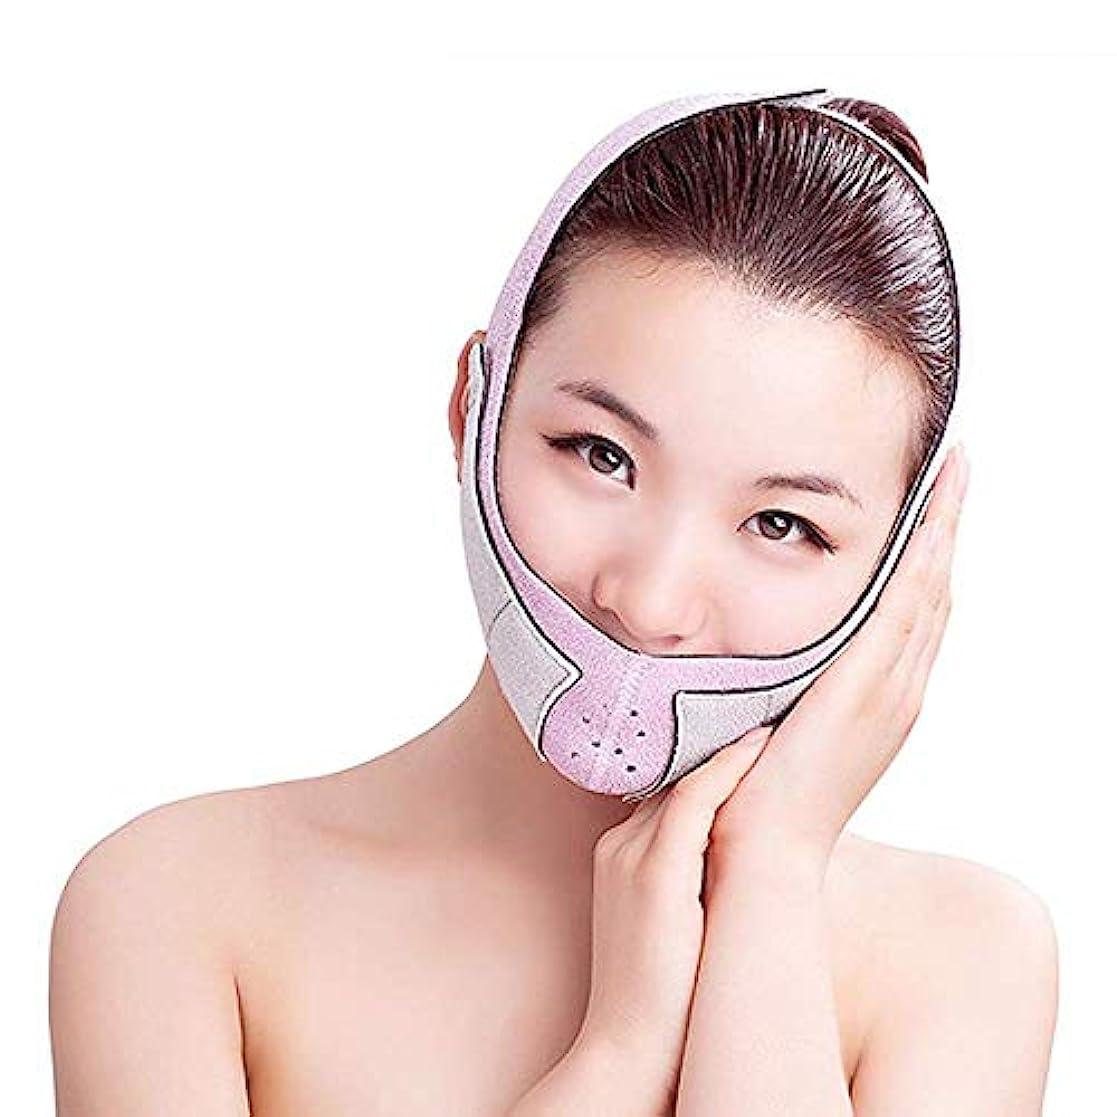 テスピアン熱狂的なモニター薄い顔ベルト薄い顔ベルト通気性の補正3D薄い顔V顔ベルト包帯薄い顔アーティファクト (色 : B)